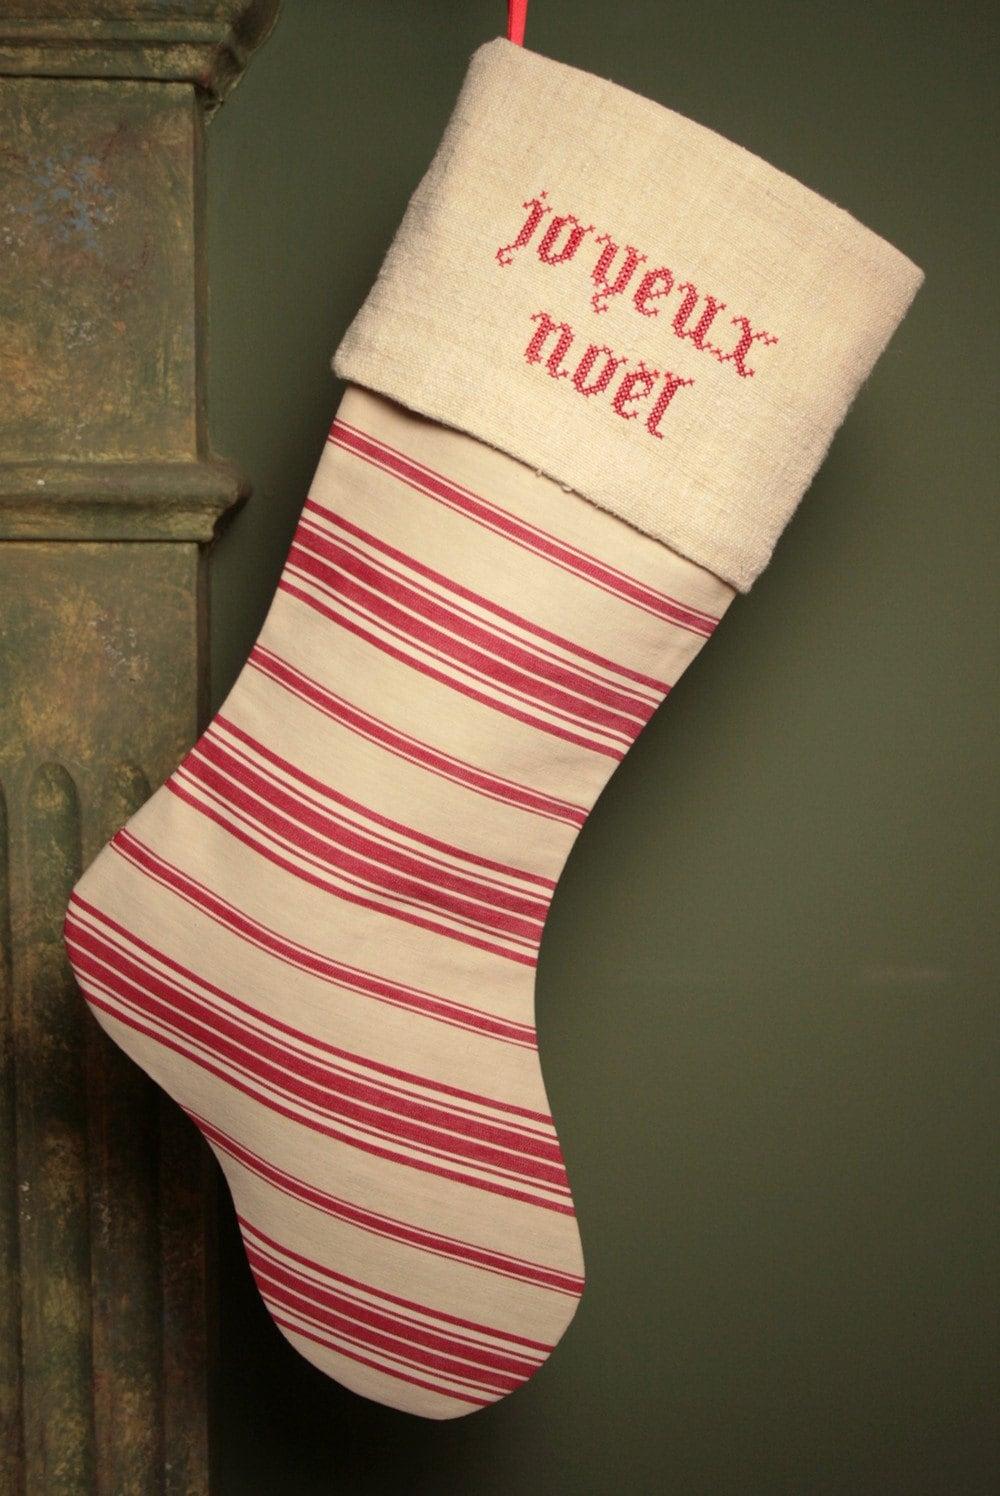 Joyeux Ноэль Cross Stitch Vintage французского постельного белья и чулок Ticking Рождество